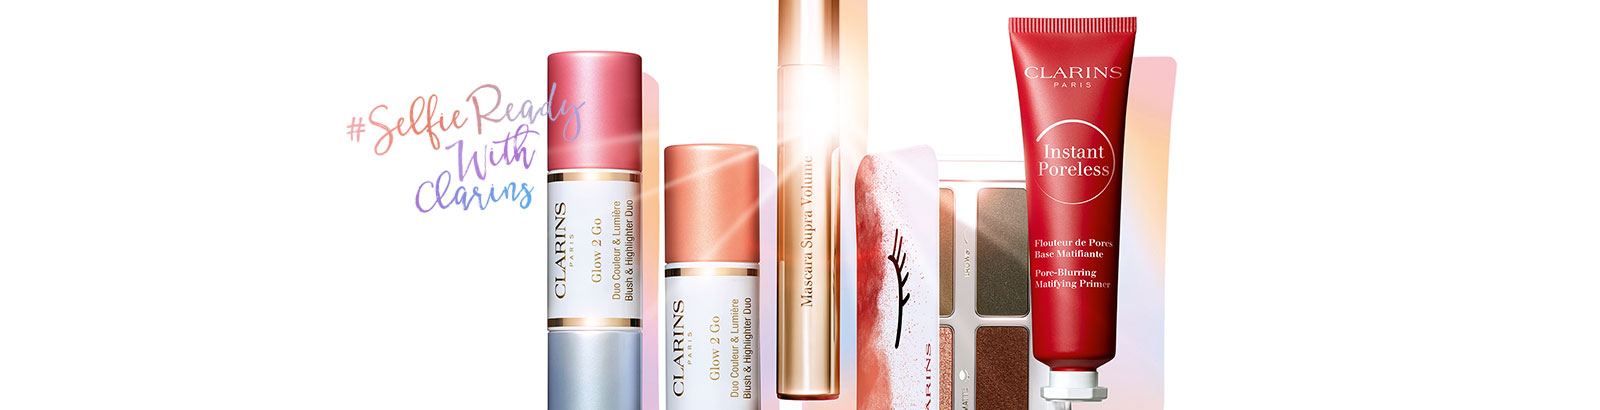 Prête pour les plus beaux selfies ? C'est dans la poche avec la nouvelle collection maquillage Clarins !